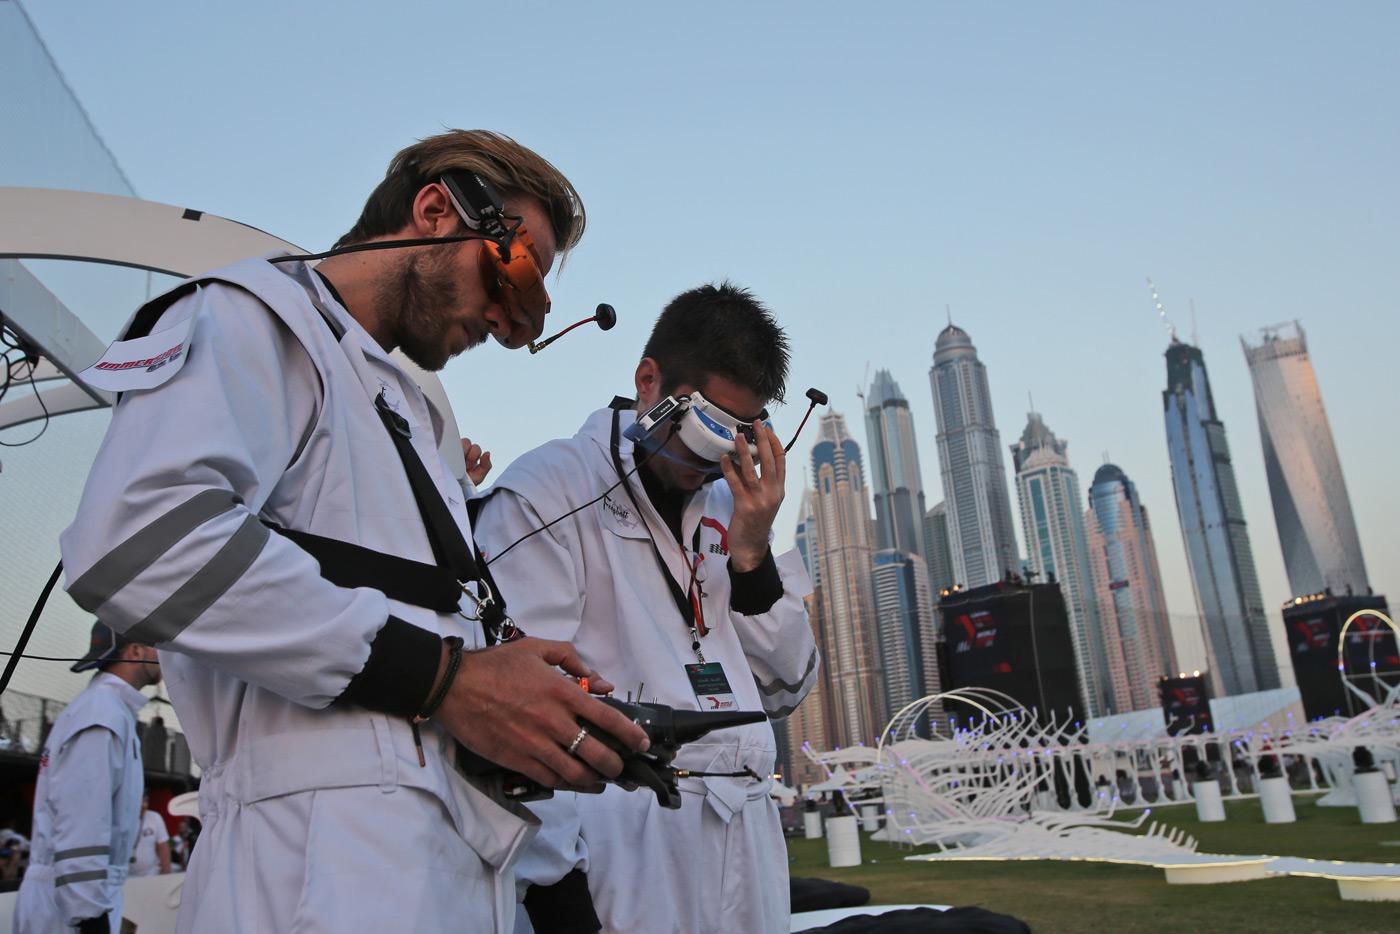 Dubai will host the World Future Sports Games in 2017